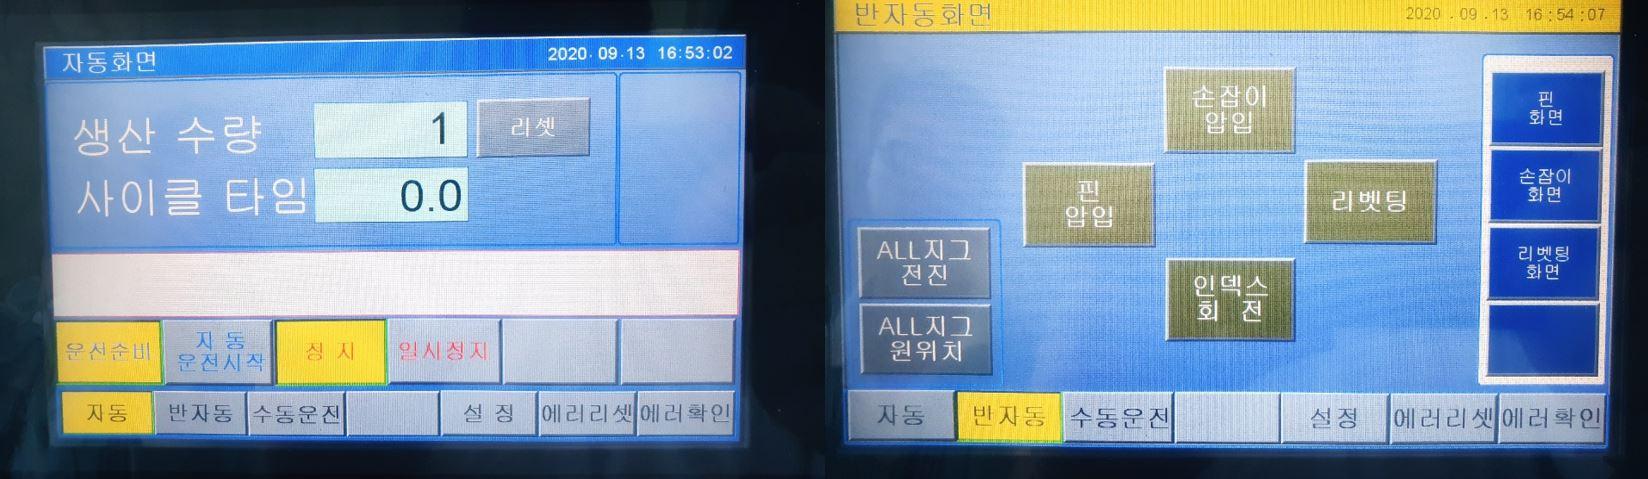 창손잡이 자동조립기(5).JPG